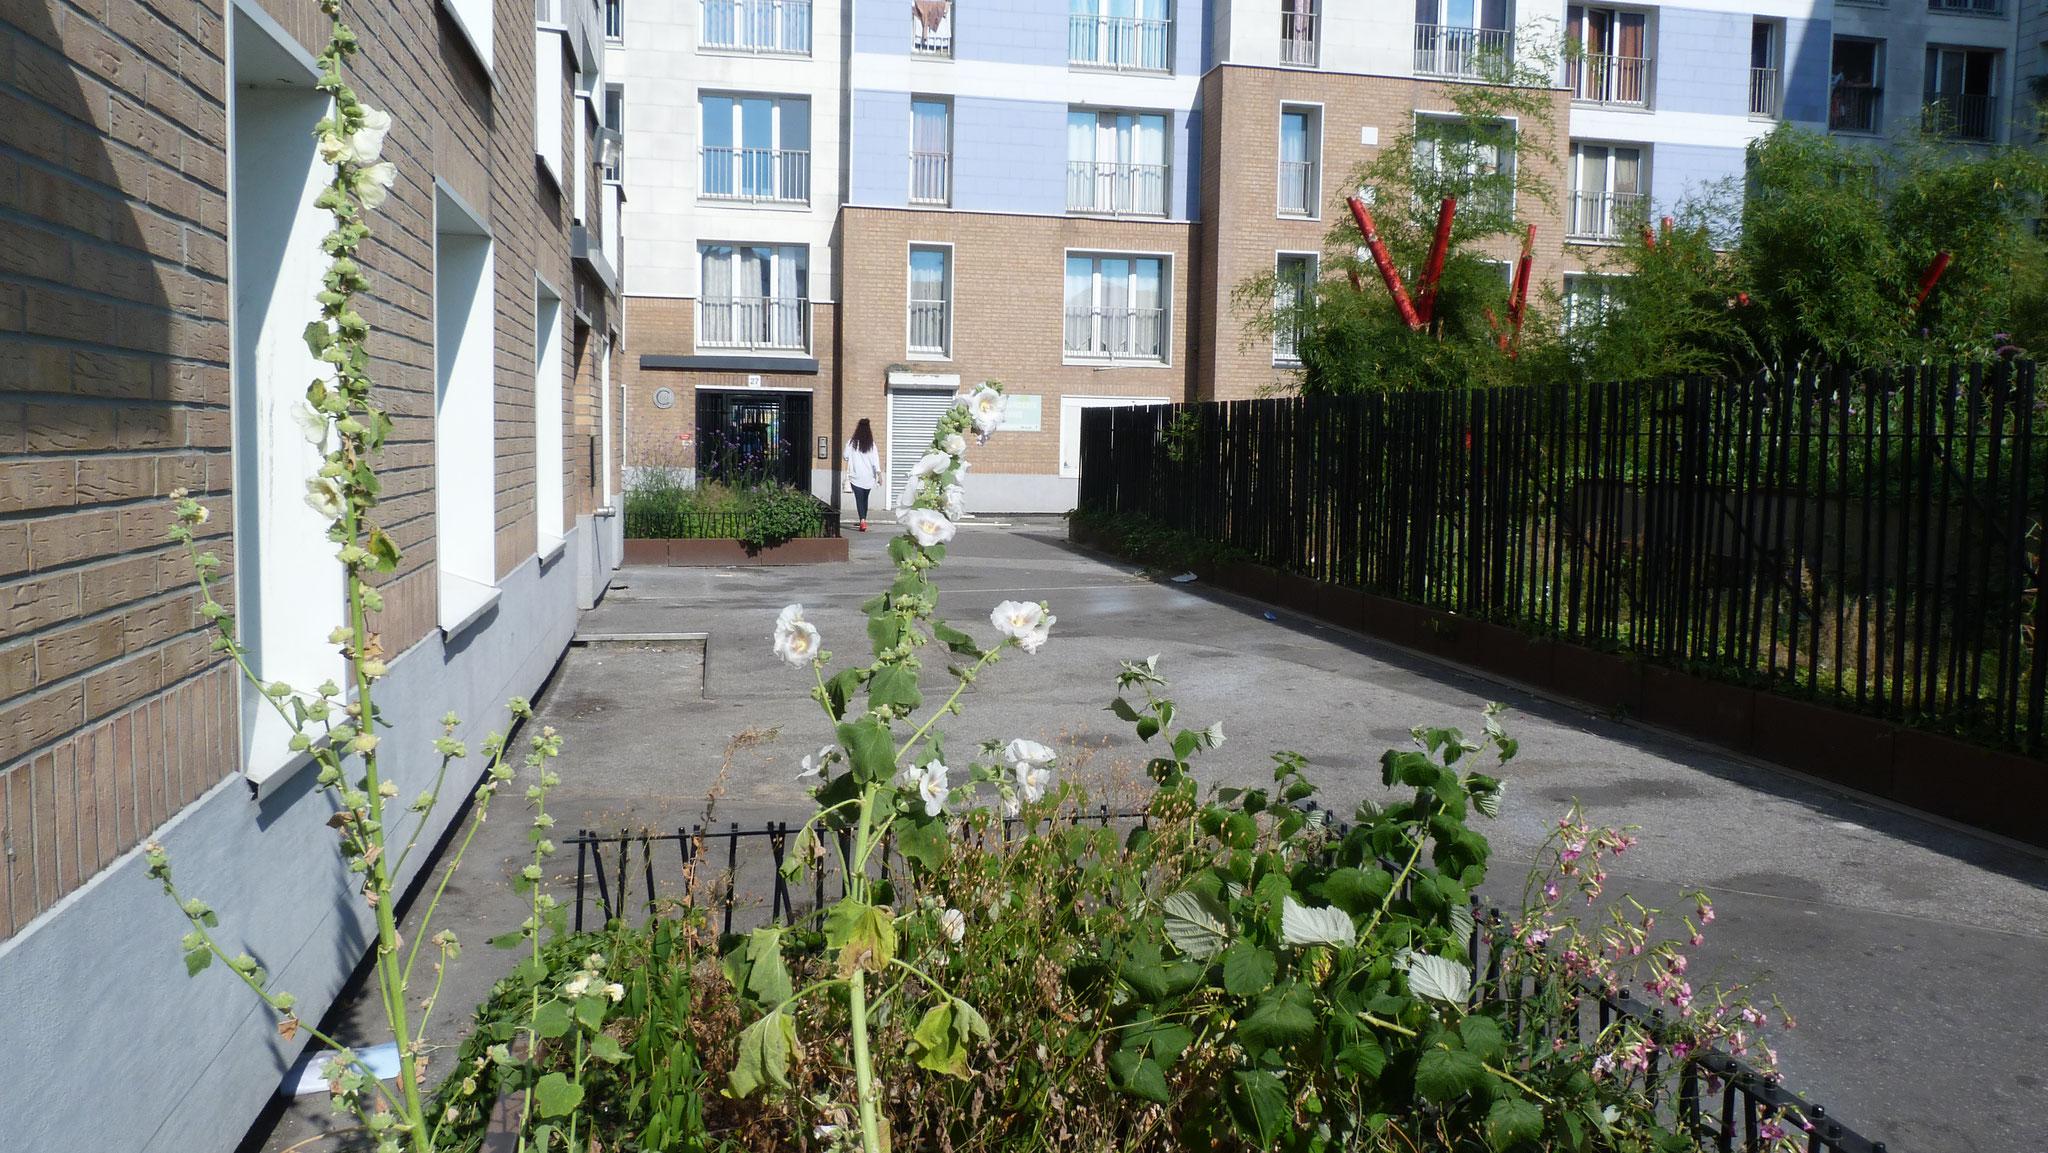 Abords de logements - Fleurs en commun